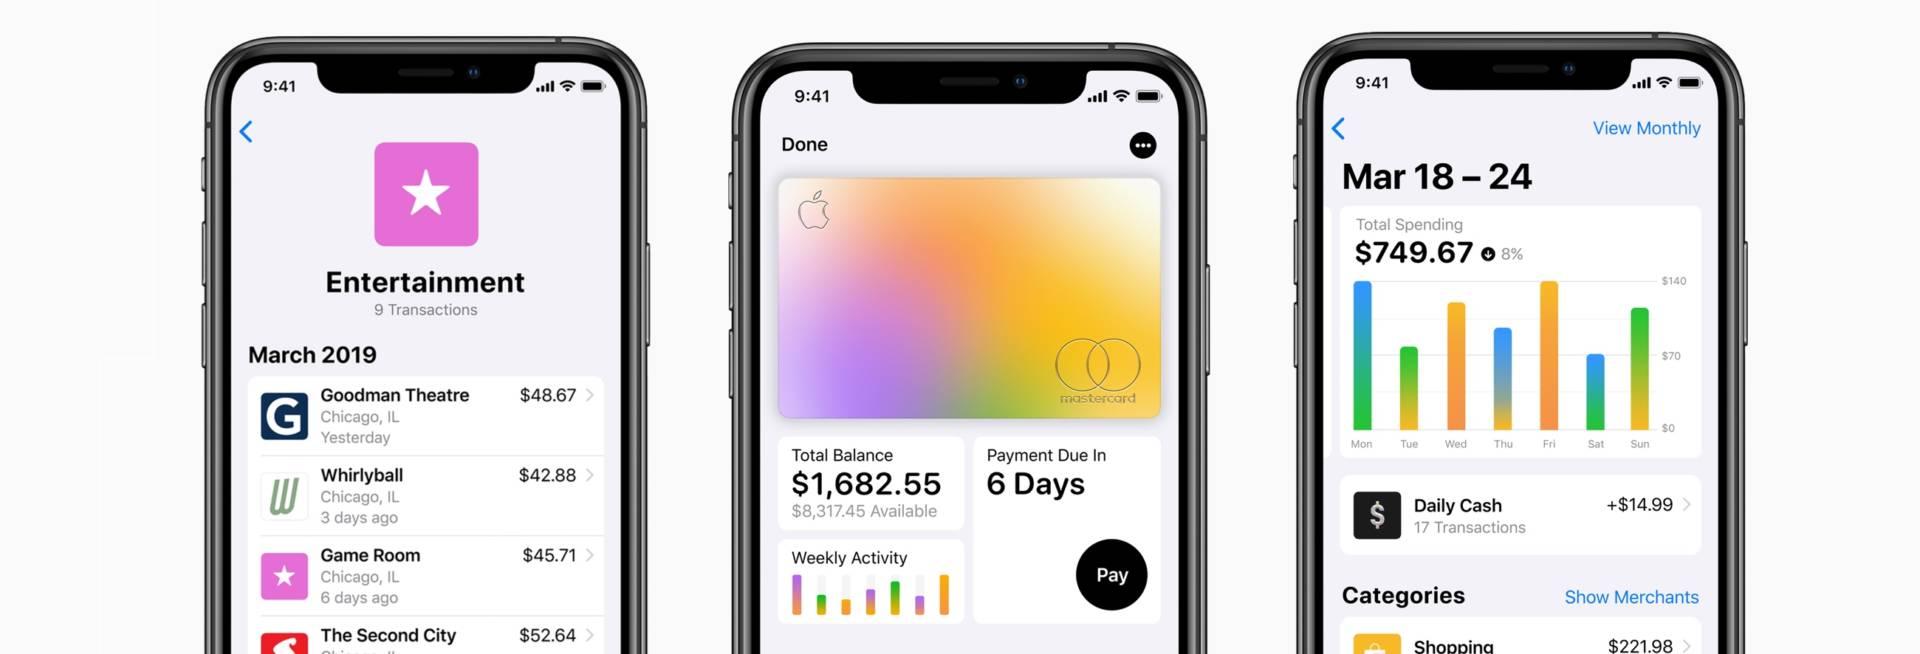 Apple Card, come funziona la carta di credito Apple